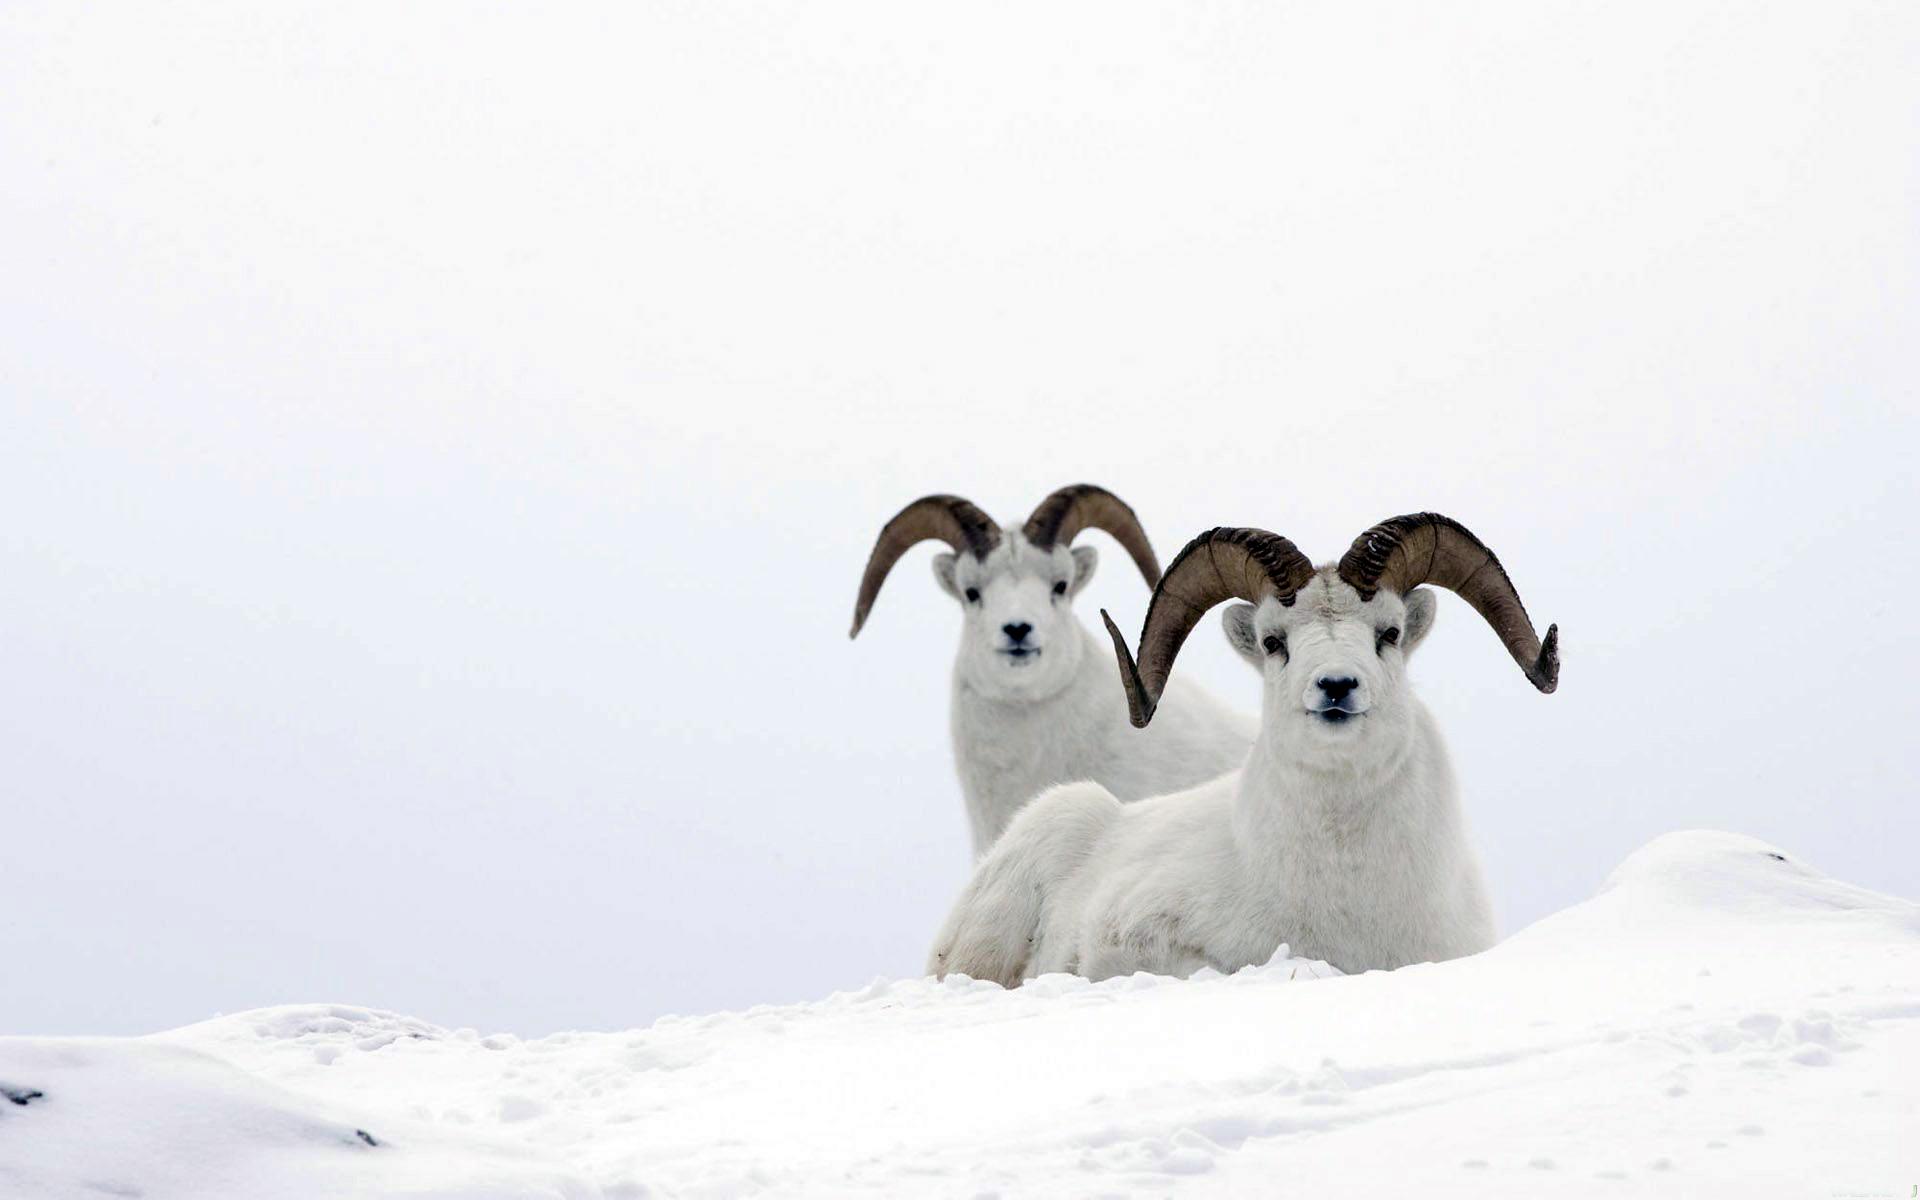 Snow mountain animals - photo#5